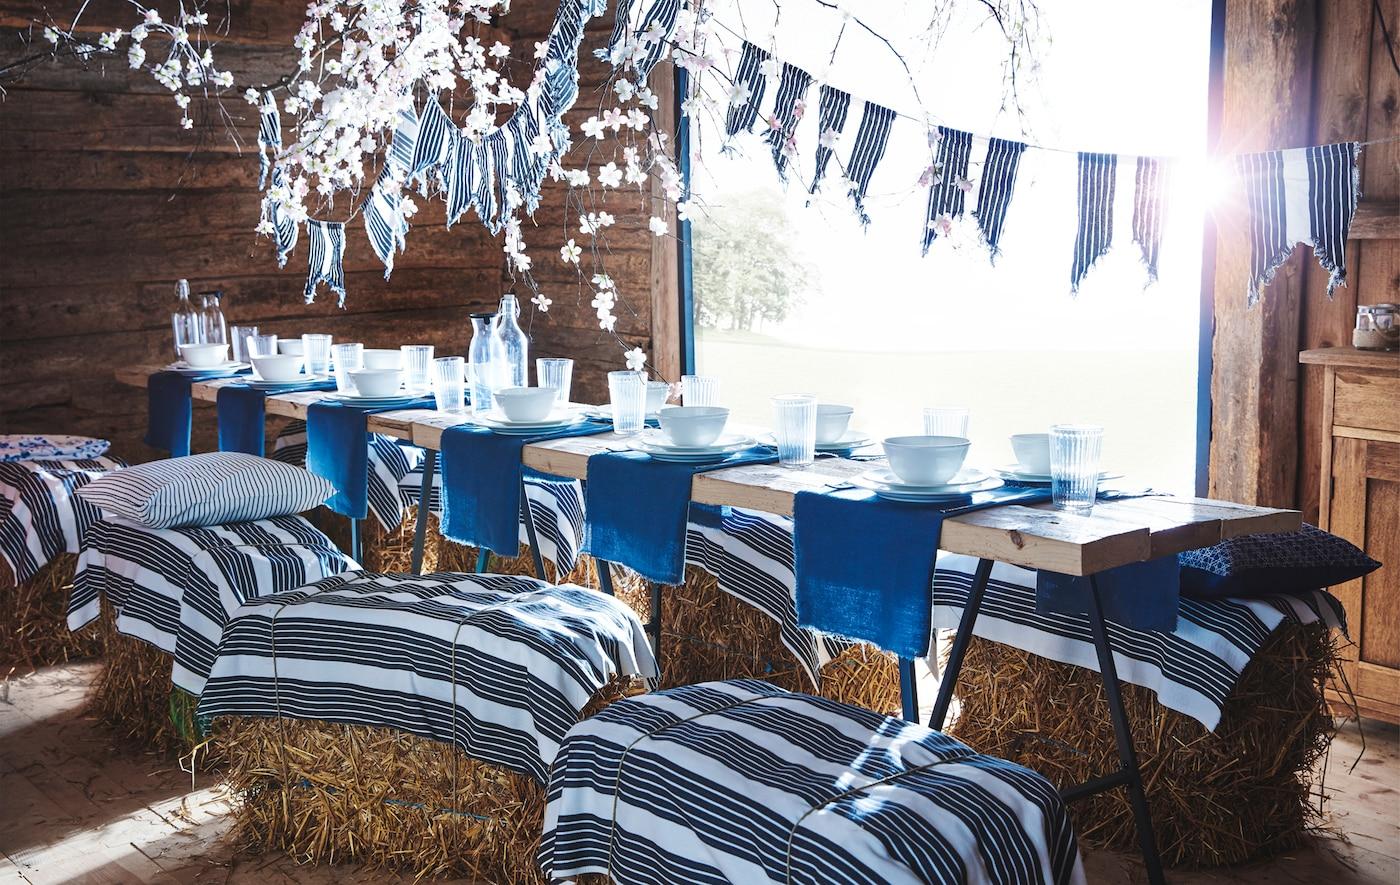 Eine lange Tafel mit Sitzmöglichkeiten in einer Scheune, gedeckt mit blauem & weissem Geschirr.